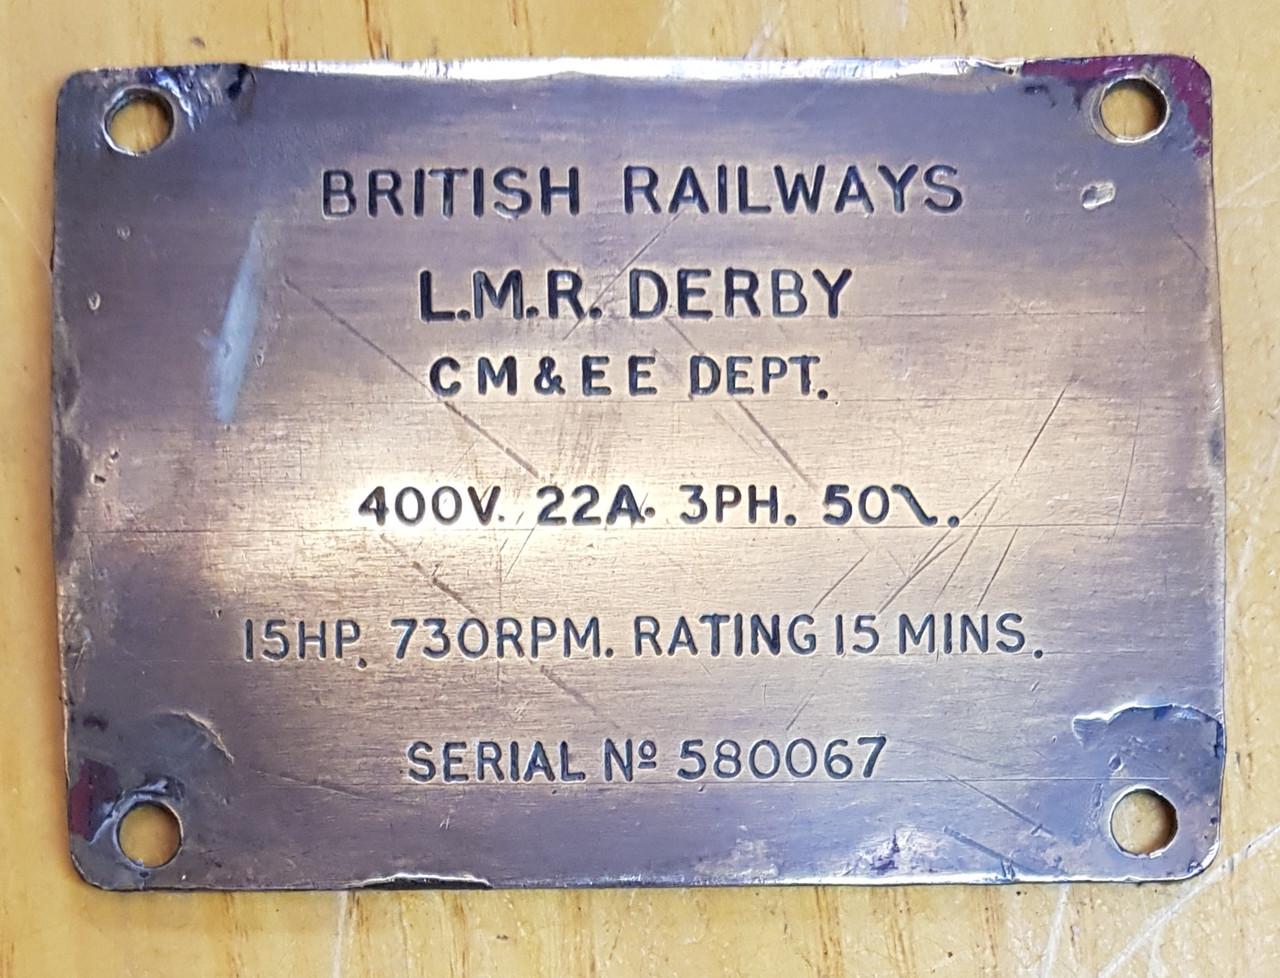 VT 2753. BRITISH RAILWAYS LM(R) DERBY MOTOR BRASS PLATE.